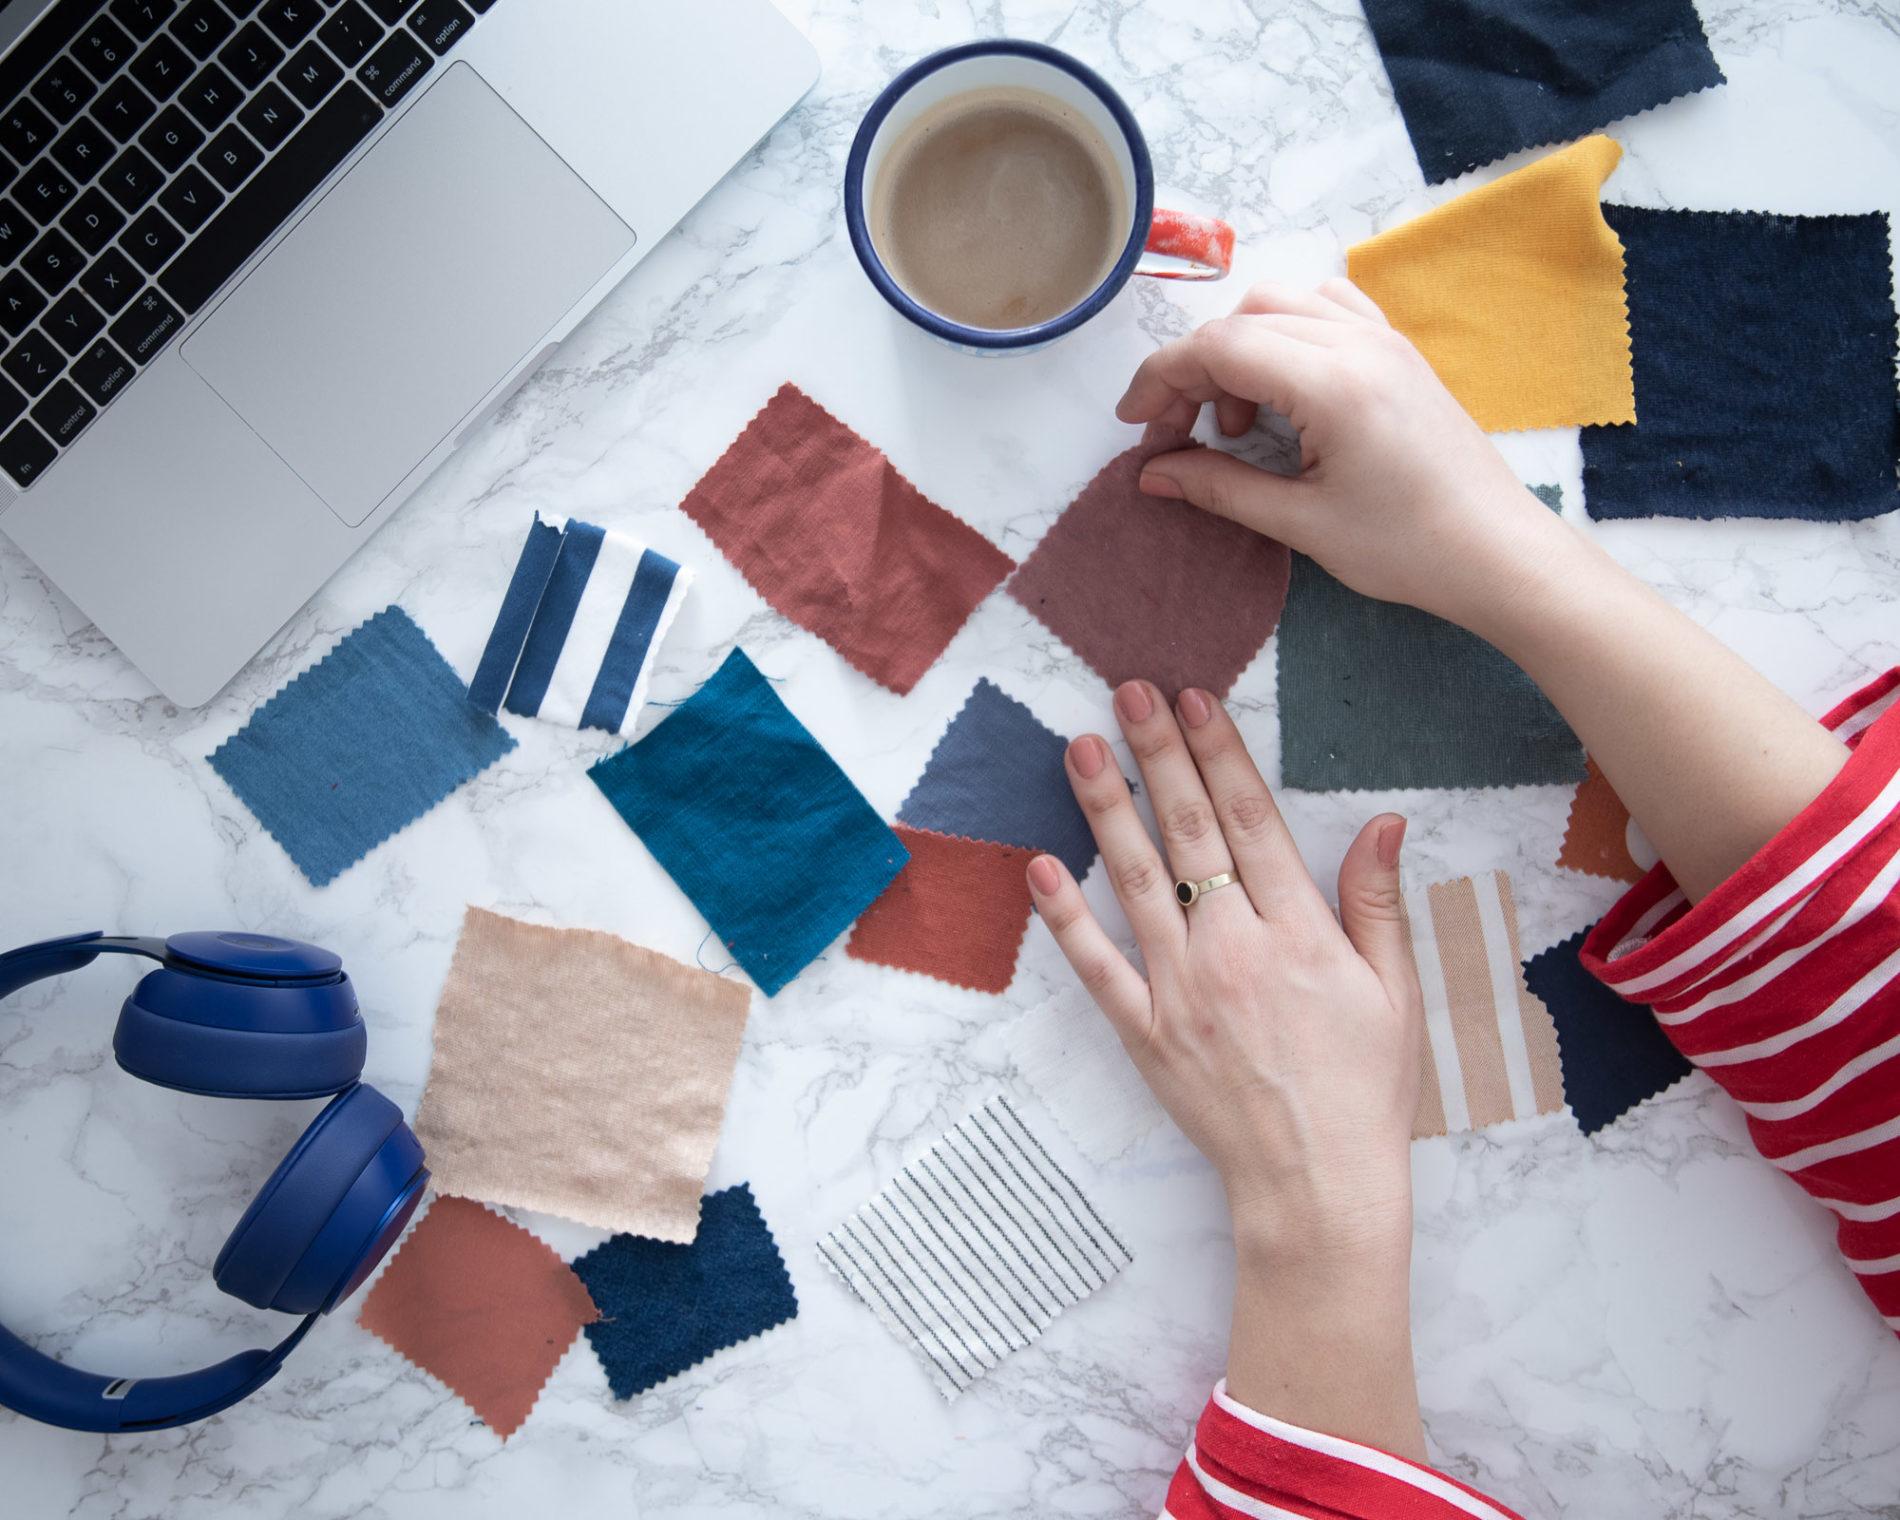 Stoffmuster bestellen - Ein Tipp gegen Fehlkäufe - Tweed & Greet